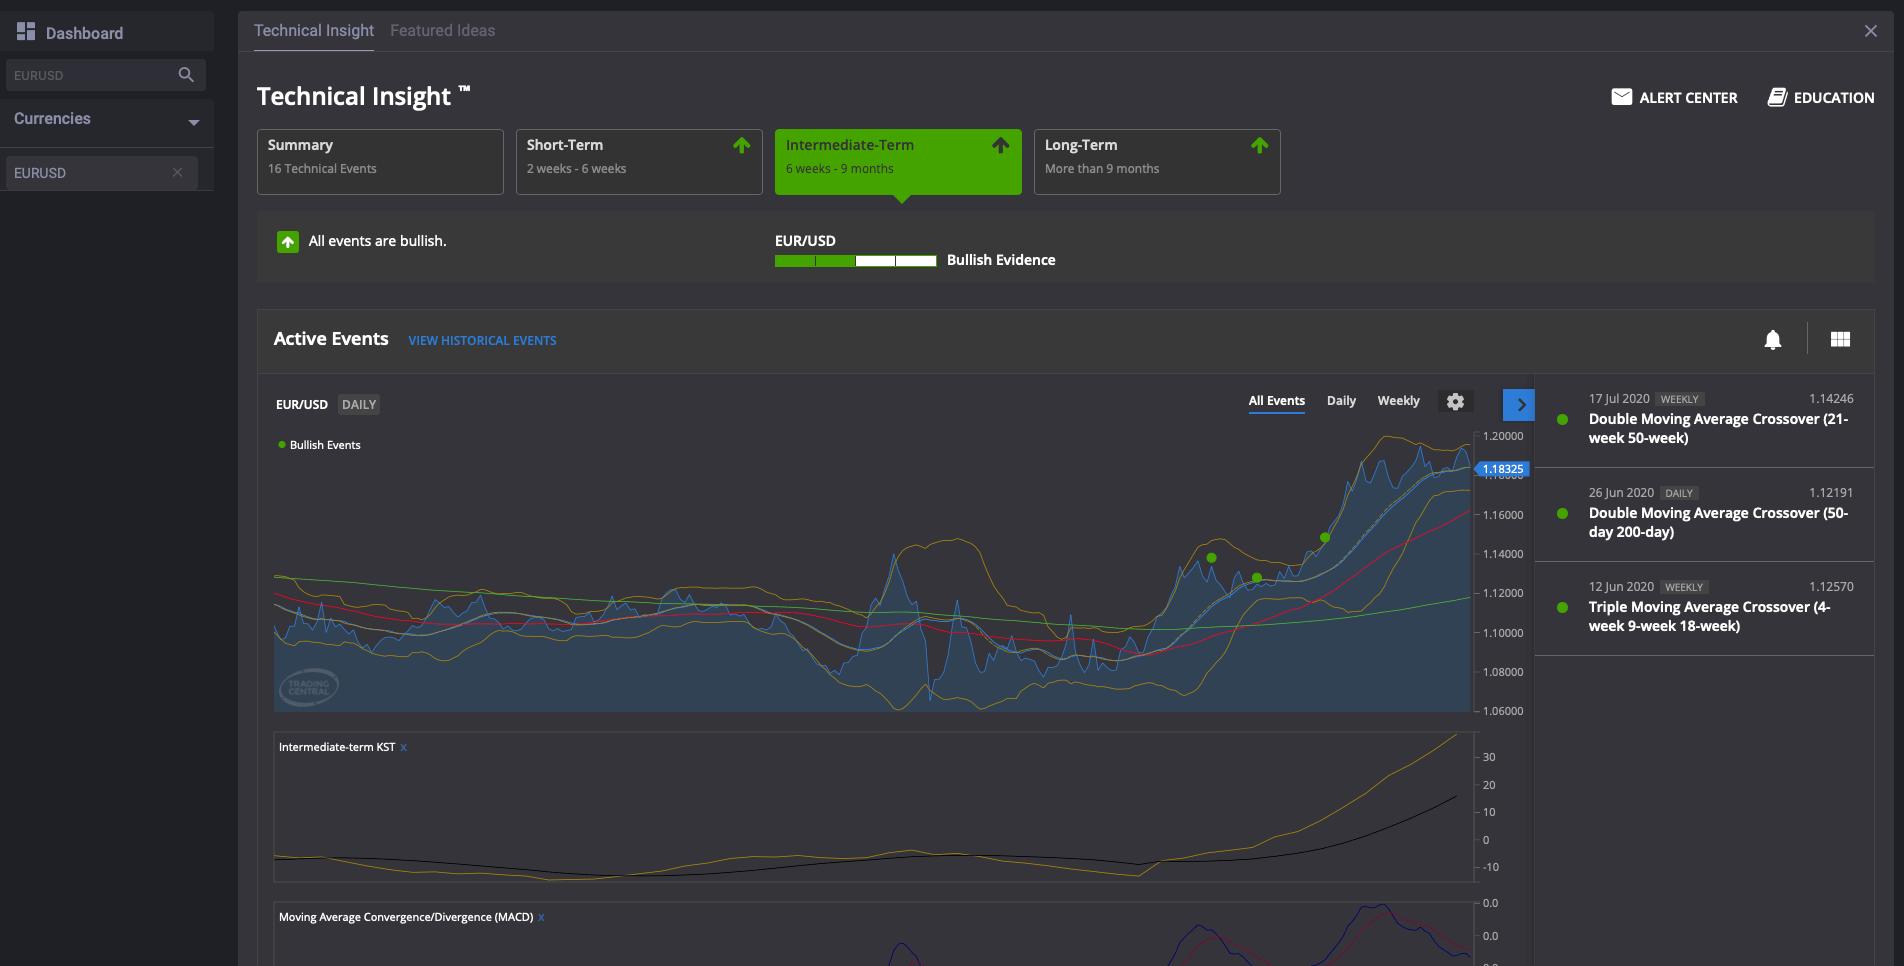 fxcm prekybos signalai rodo našumą jei investuosiu  bitkoinus kokia bus mano nauda